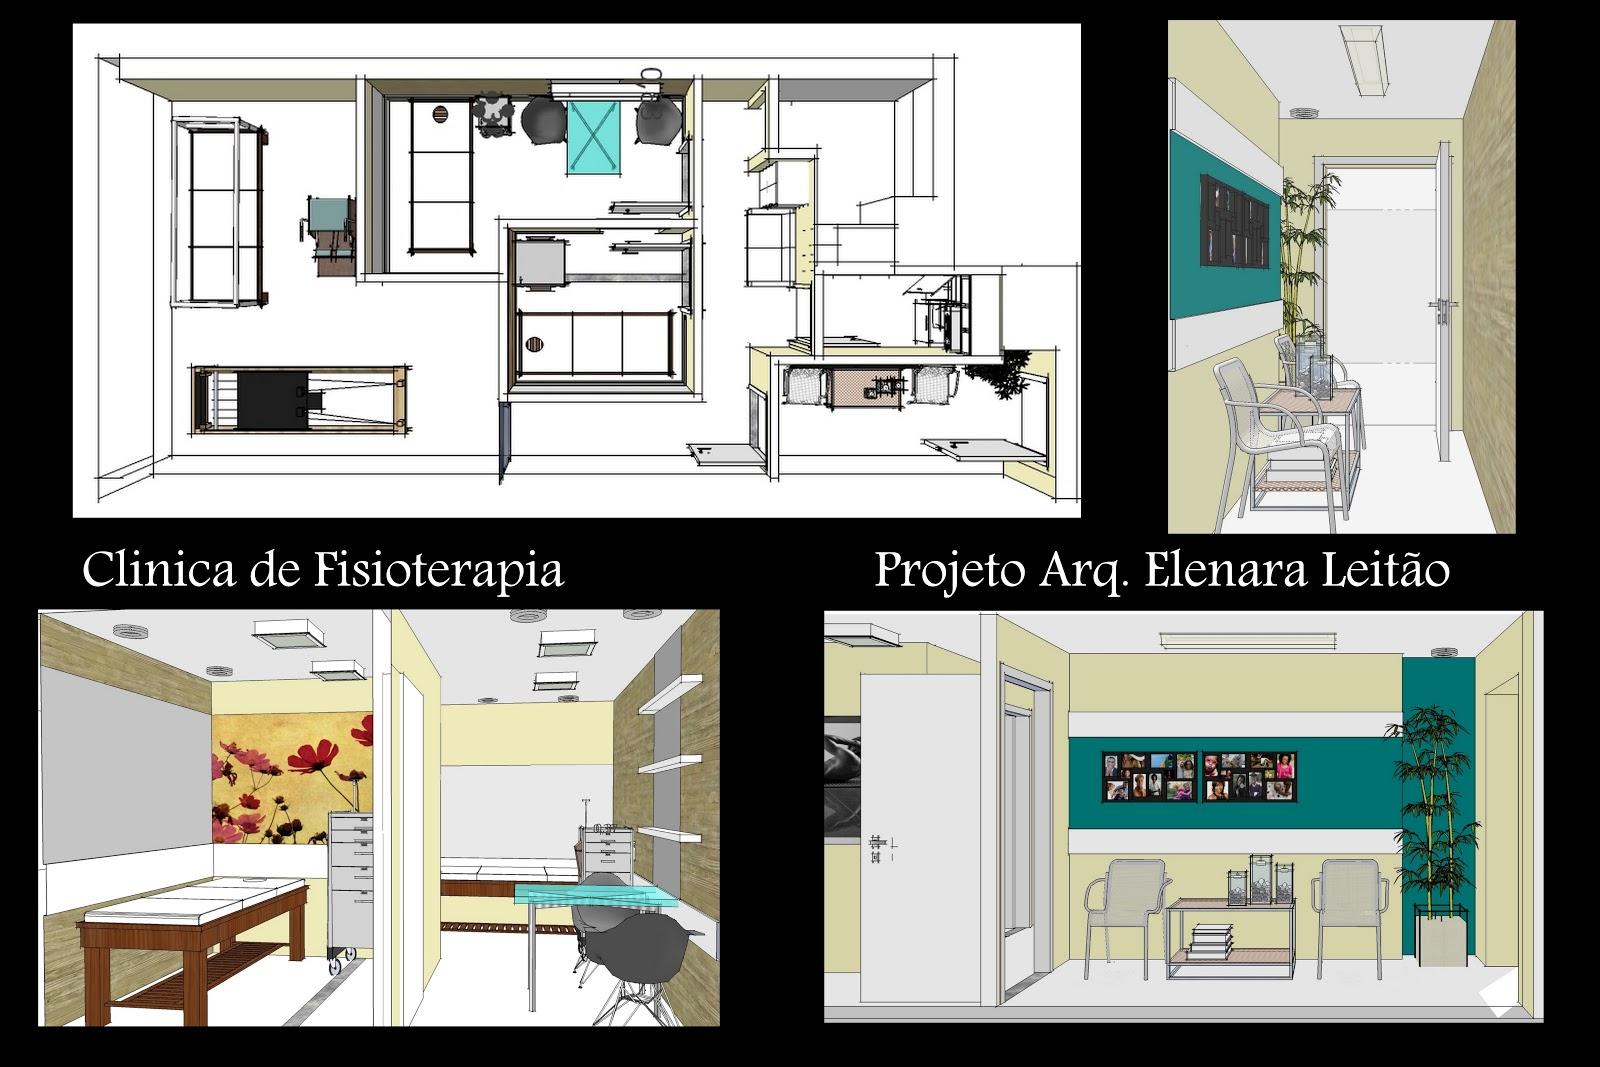 Clinica de Fisio Meus Projetos ~ ARQUITETANDO IDEIAS #127473 1600 1067